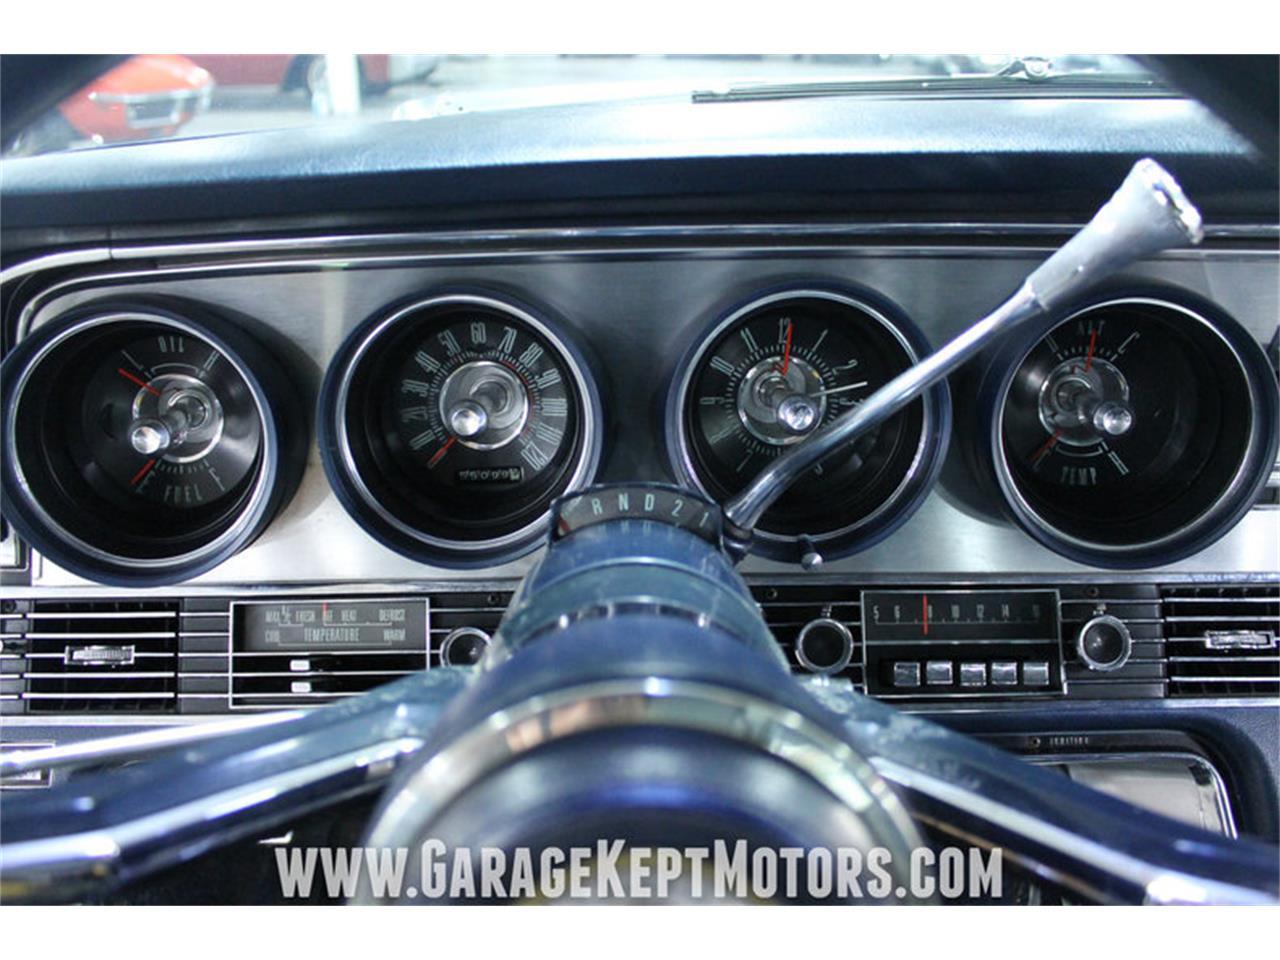 Large Picture of 1967 Thunderbird 2-Door Landau - $11,900.00 Offered by Garage Kept Motors - LU7P